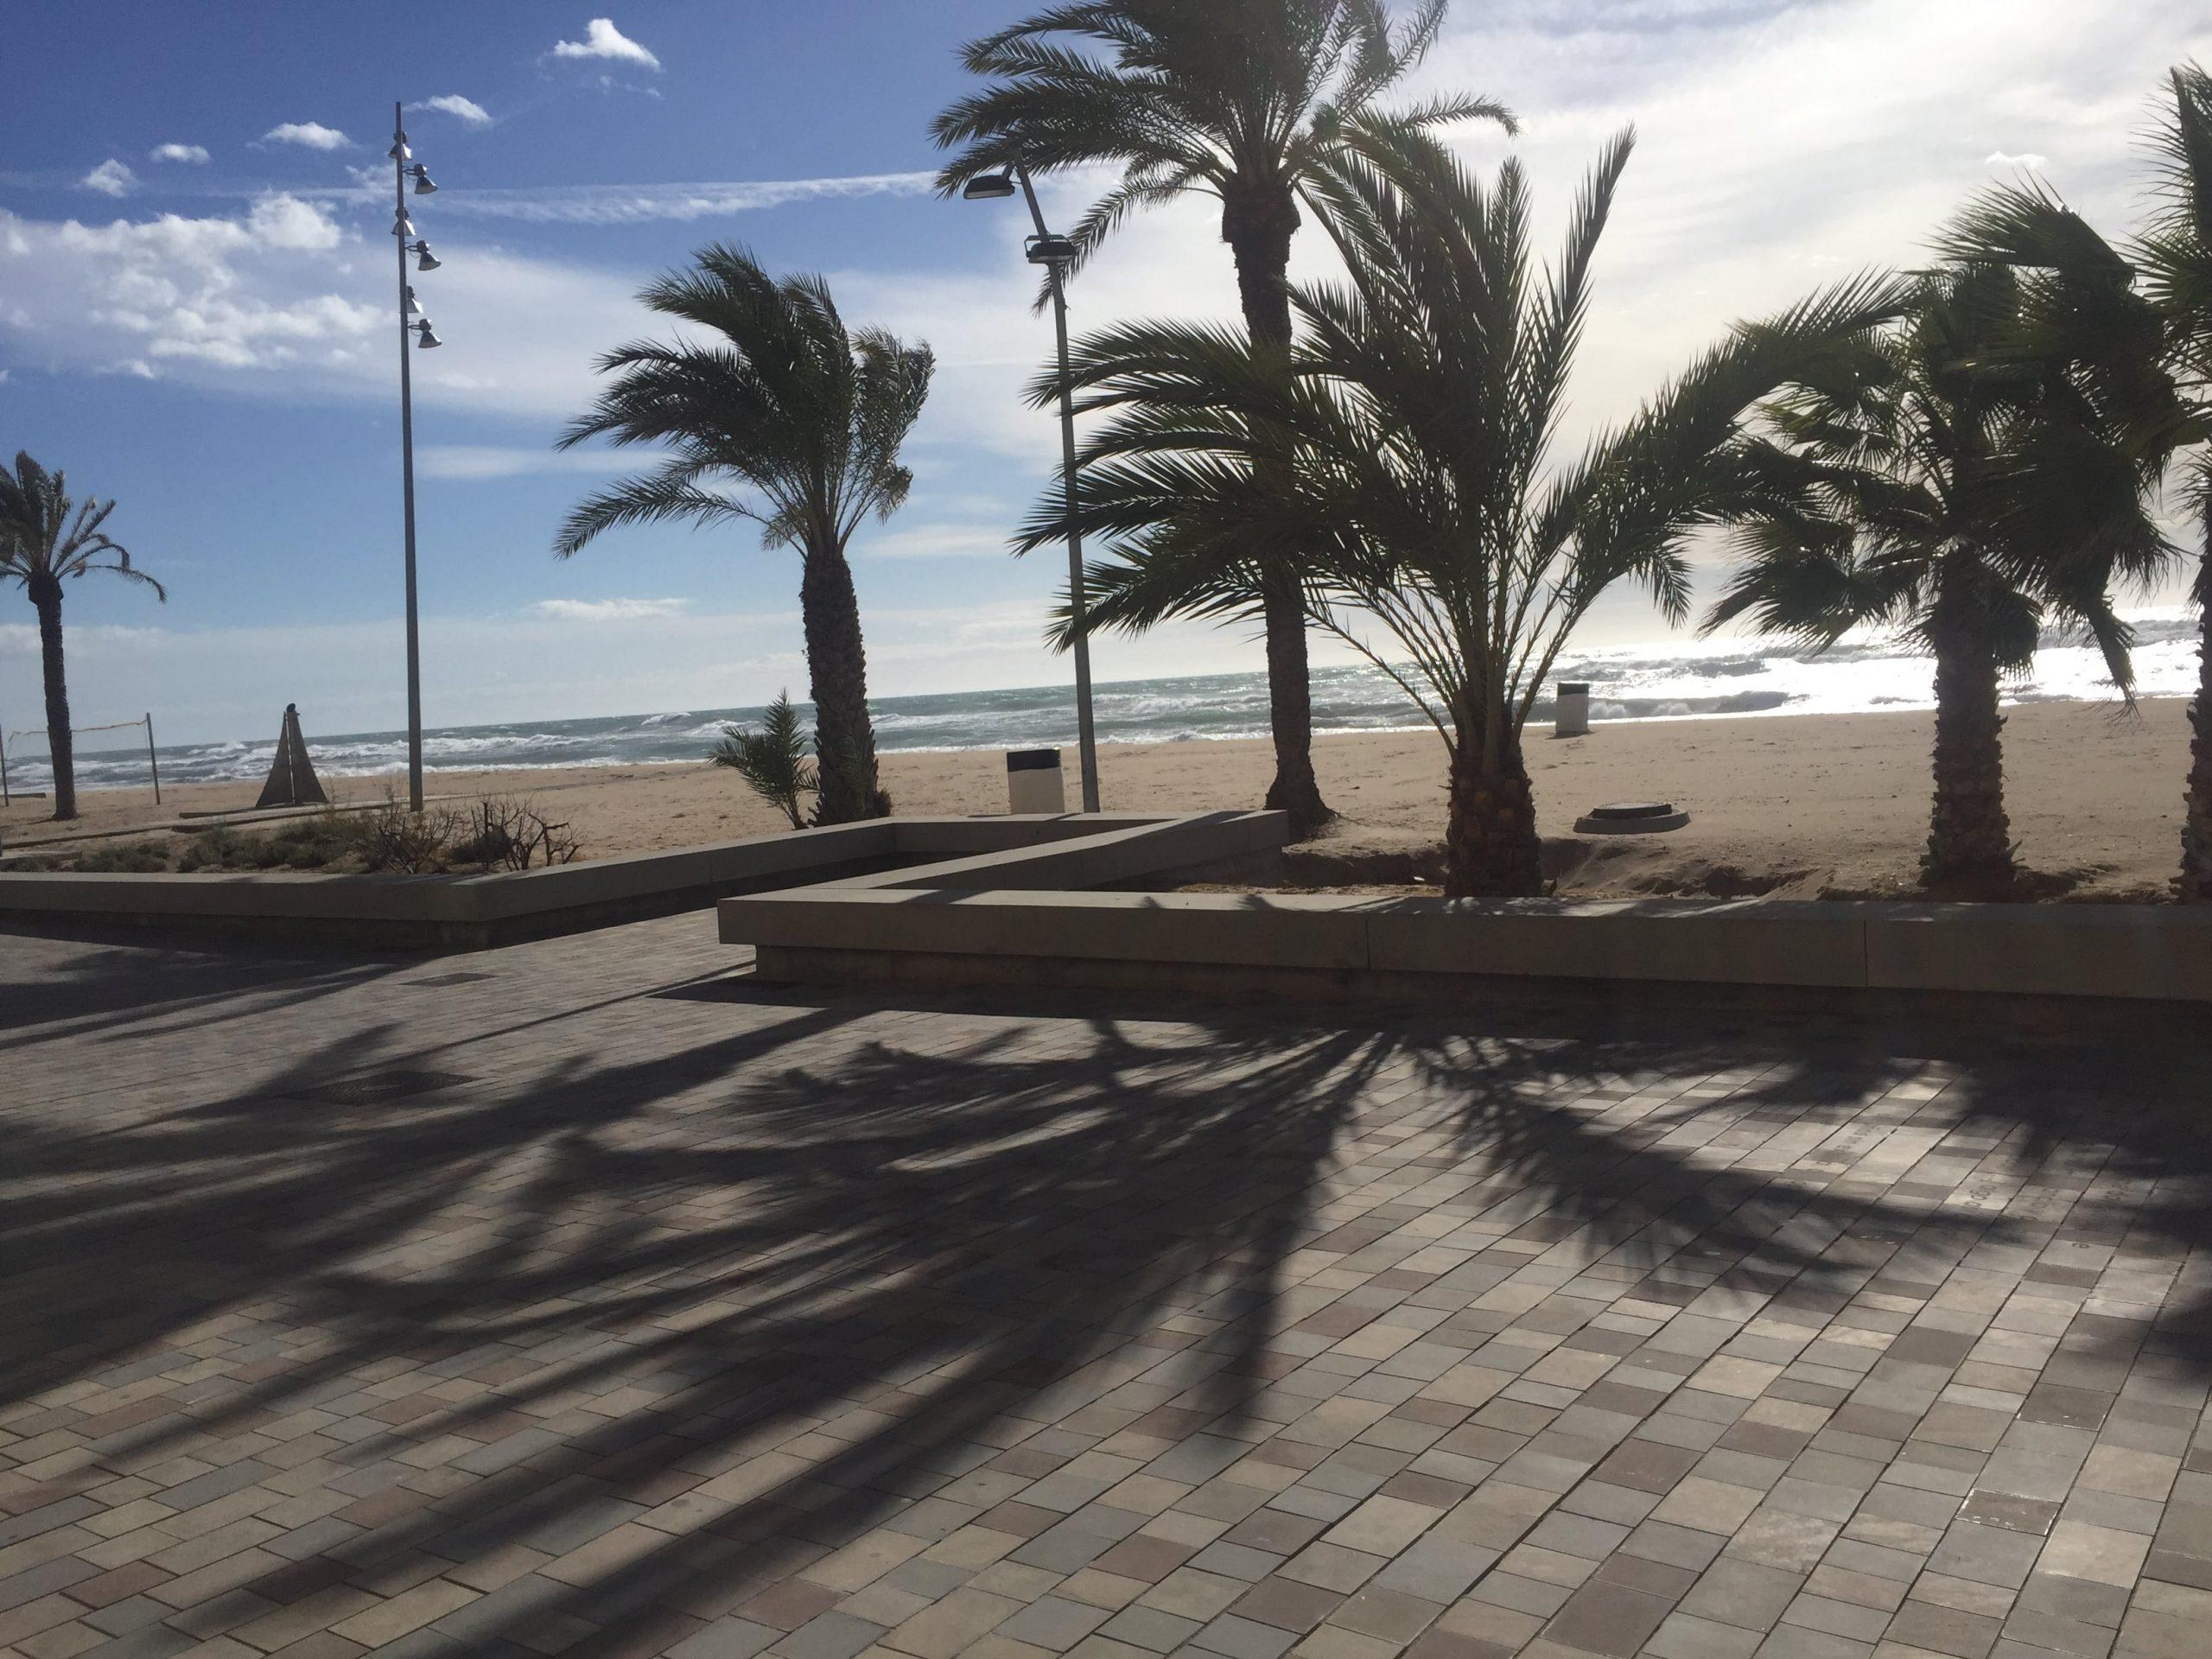 Piso acogedor con salida directa al mar en Calafell, Tarragona